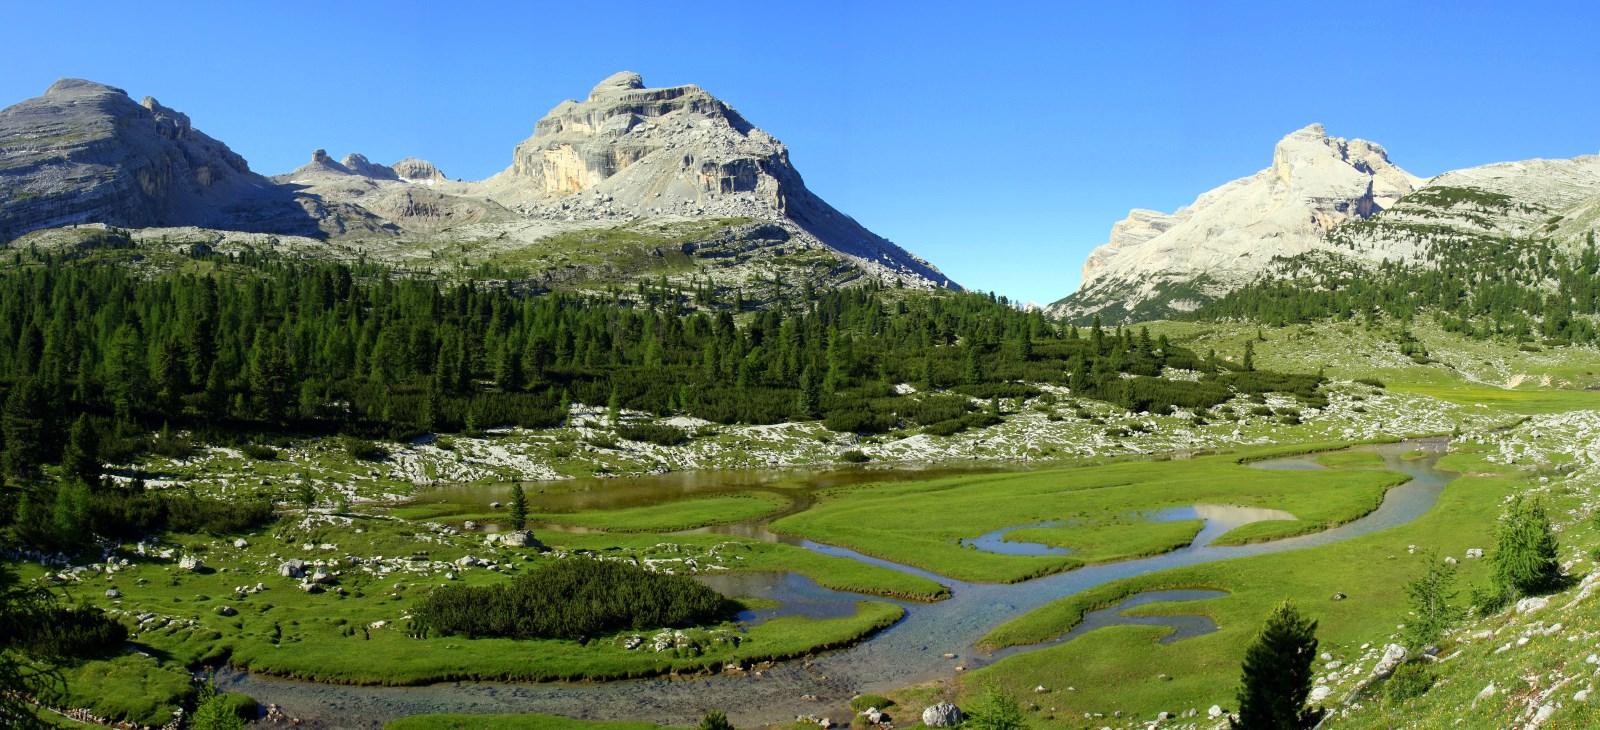 Appartamenti Dolomiti Il Parco Naturale Fanes Senes Braies